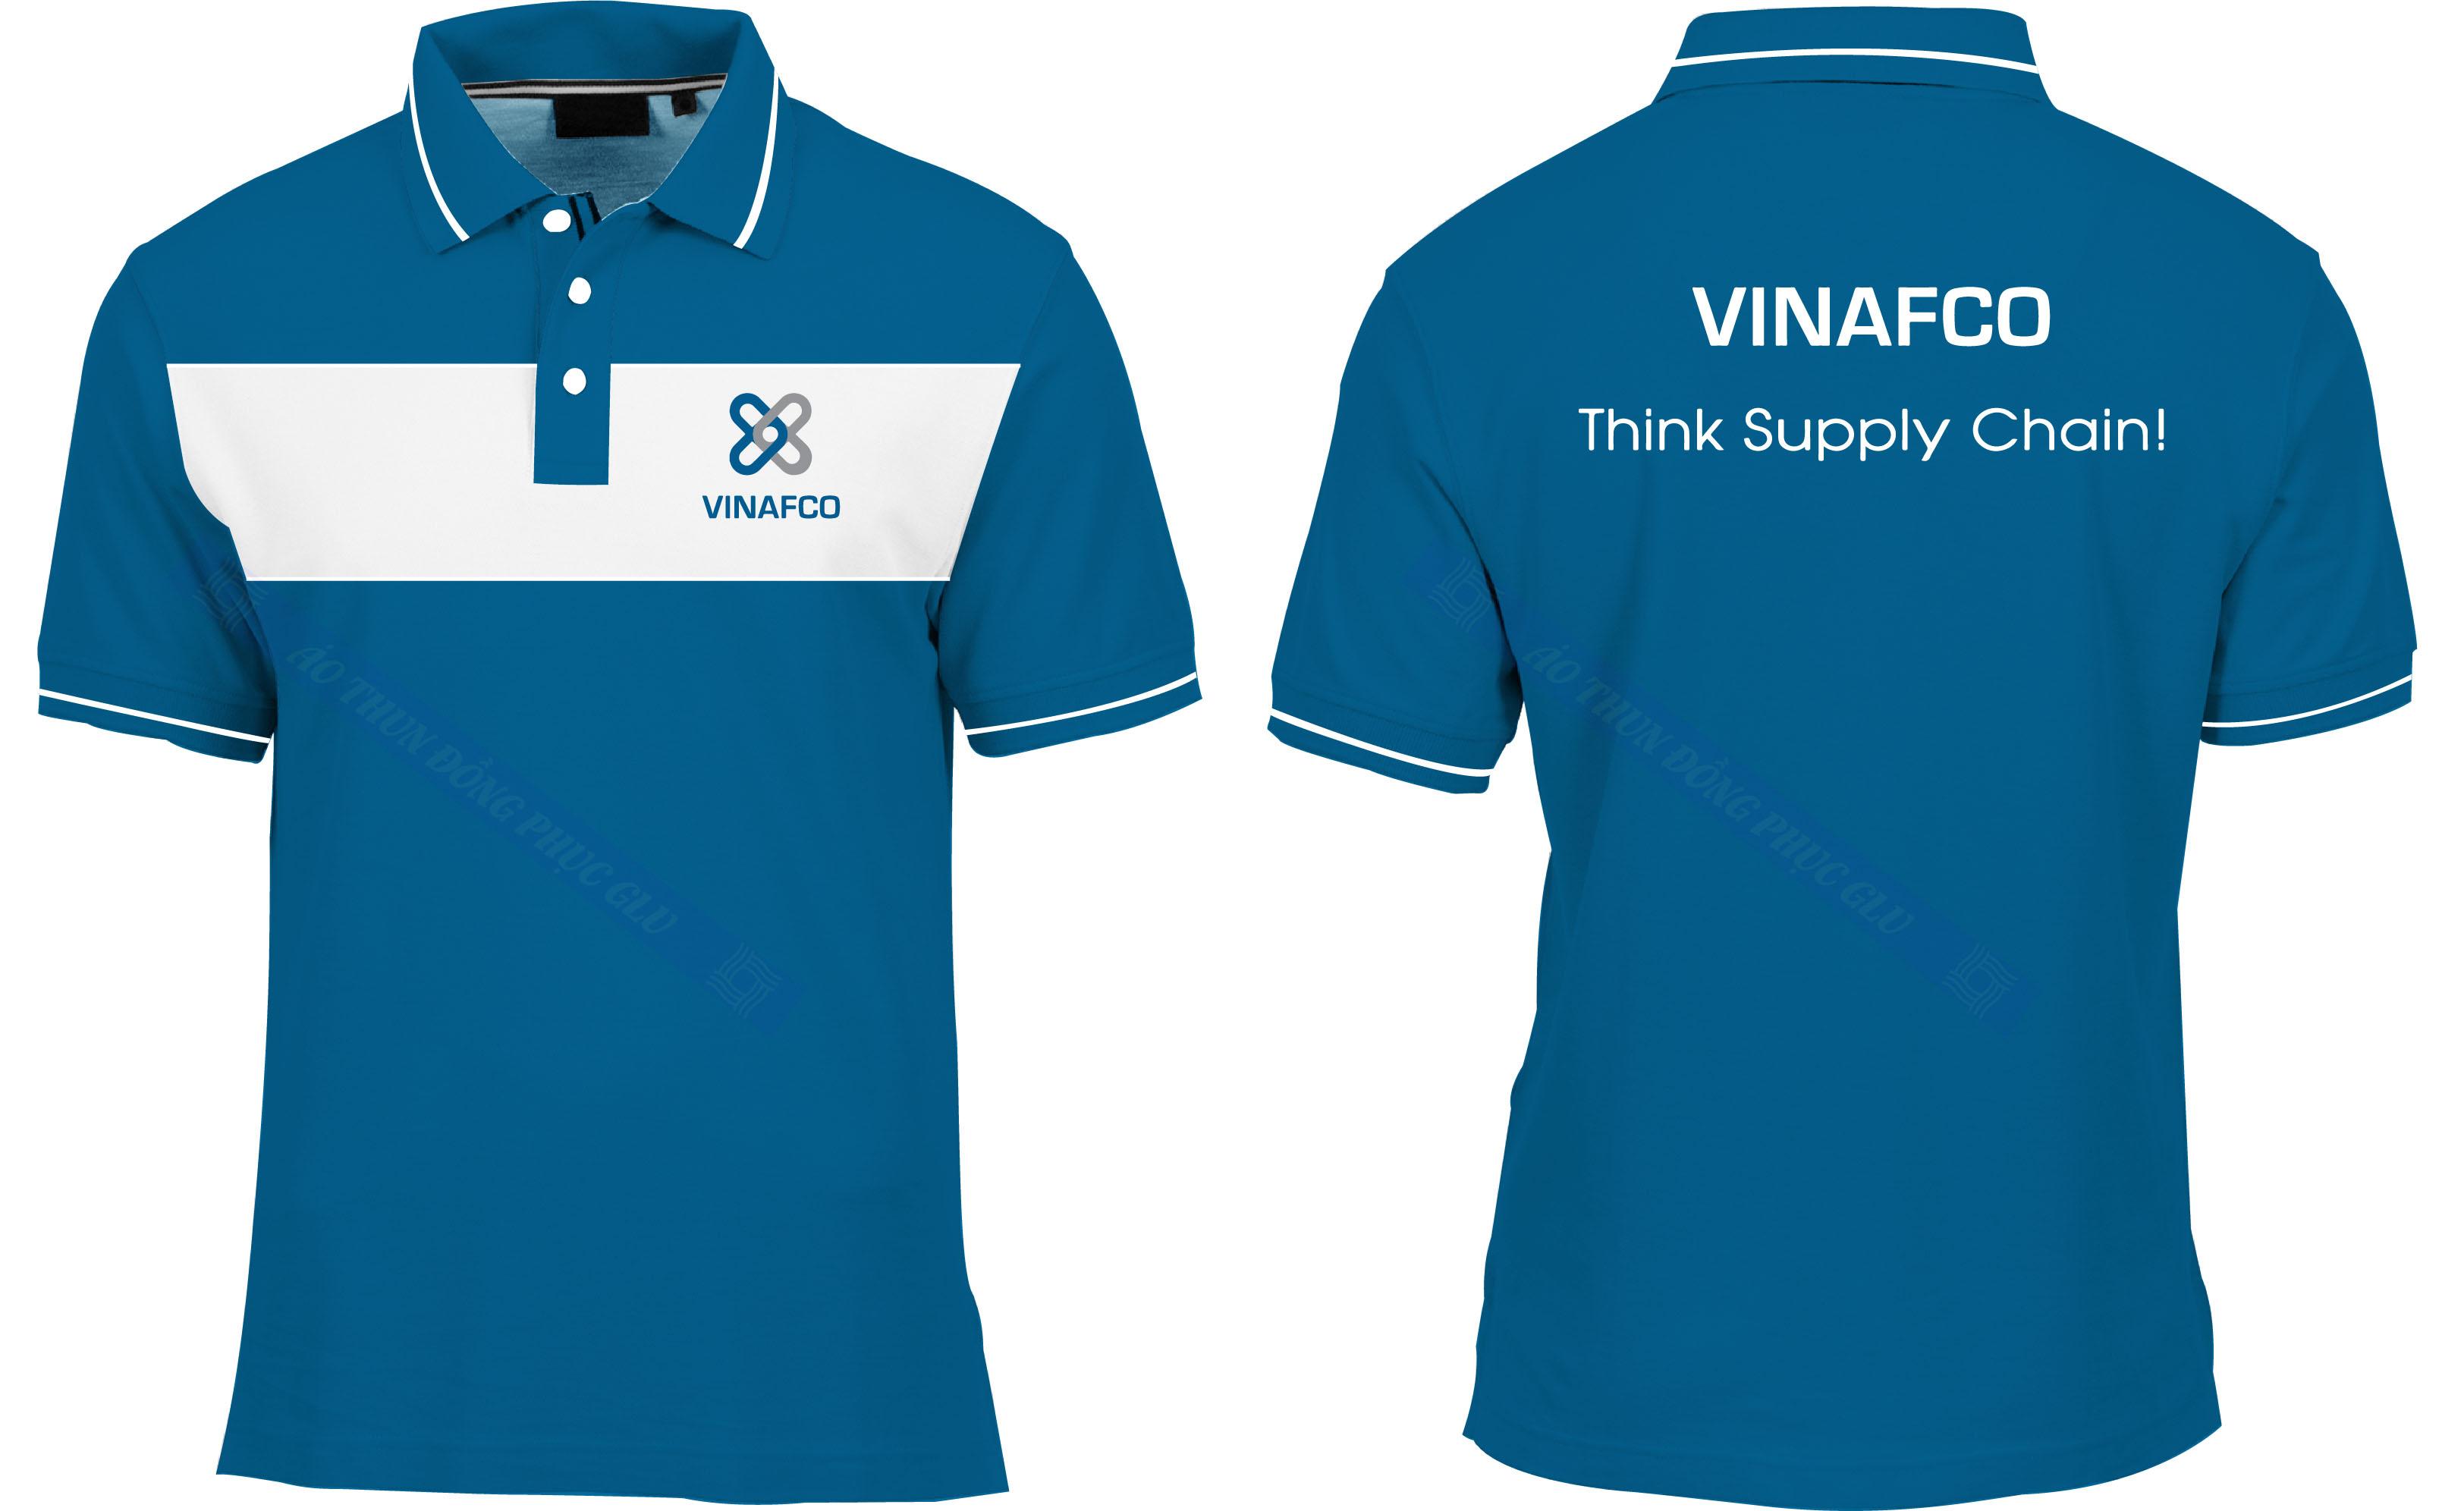 AO THUN VINAFCO đồng phục công ty đẹp